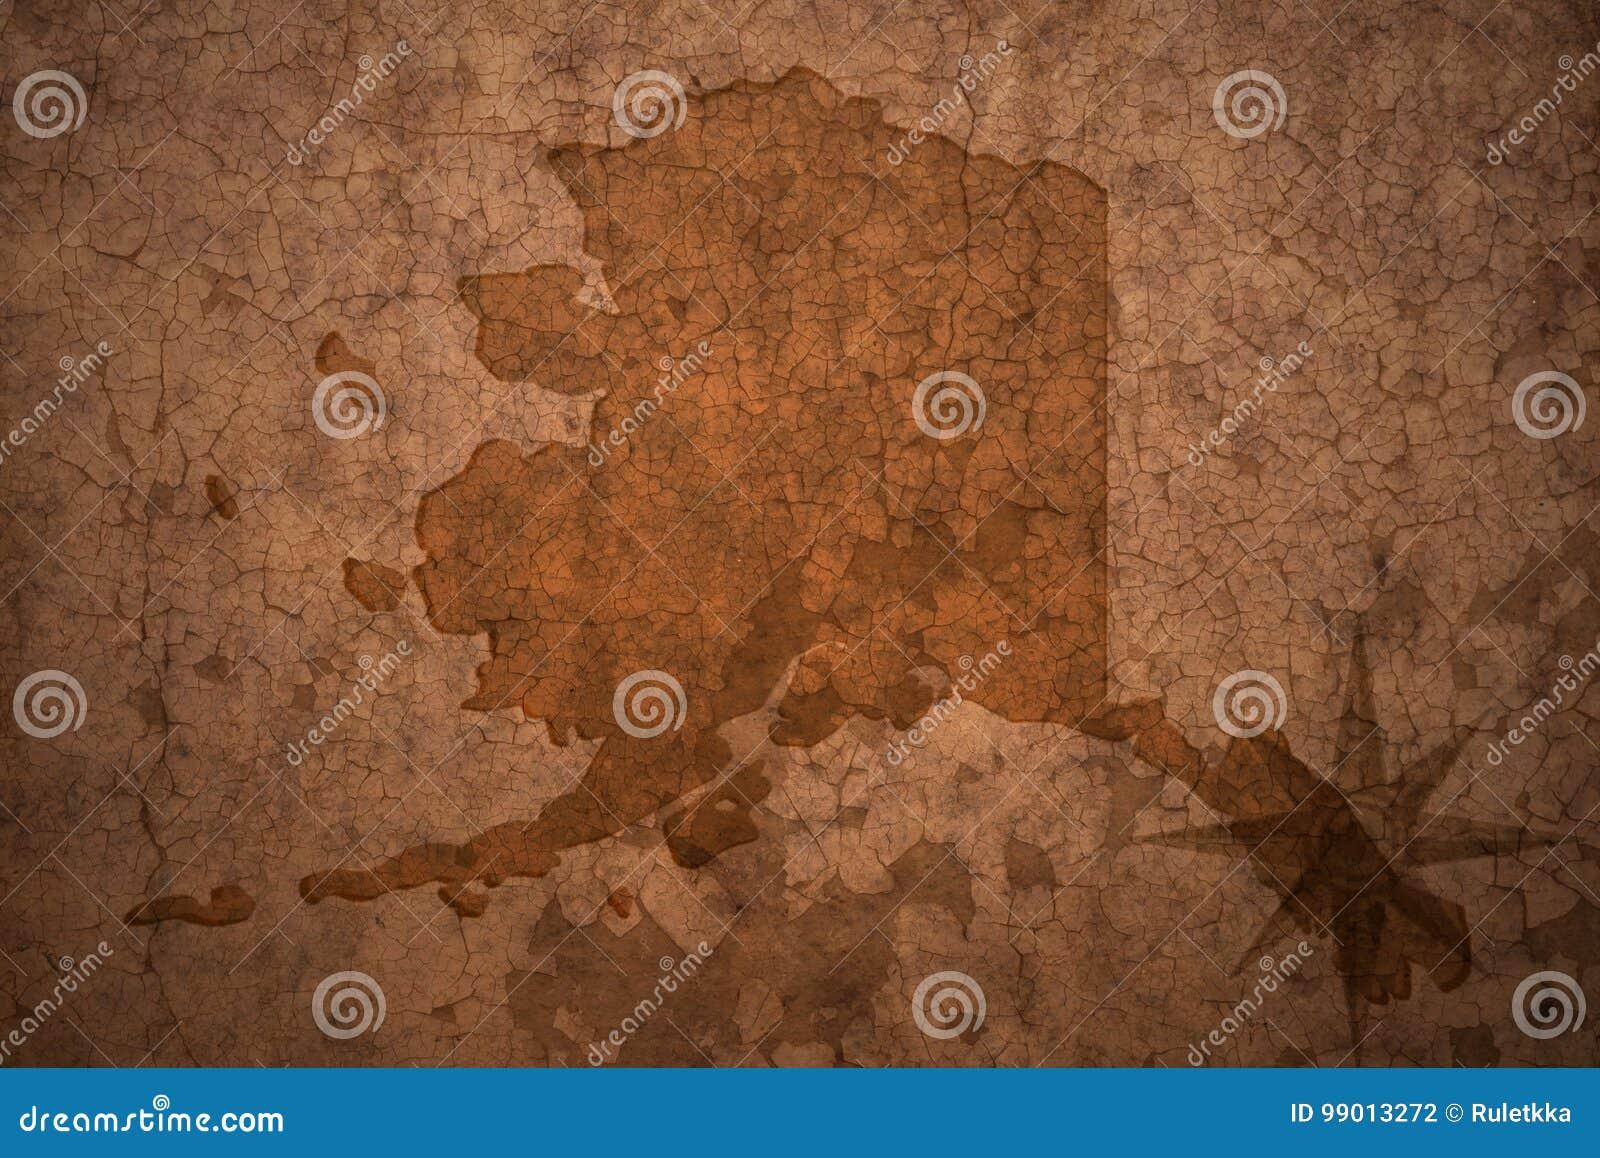 Карта положения Аляски на старой винтажной бумажной предпосылке